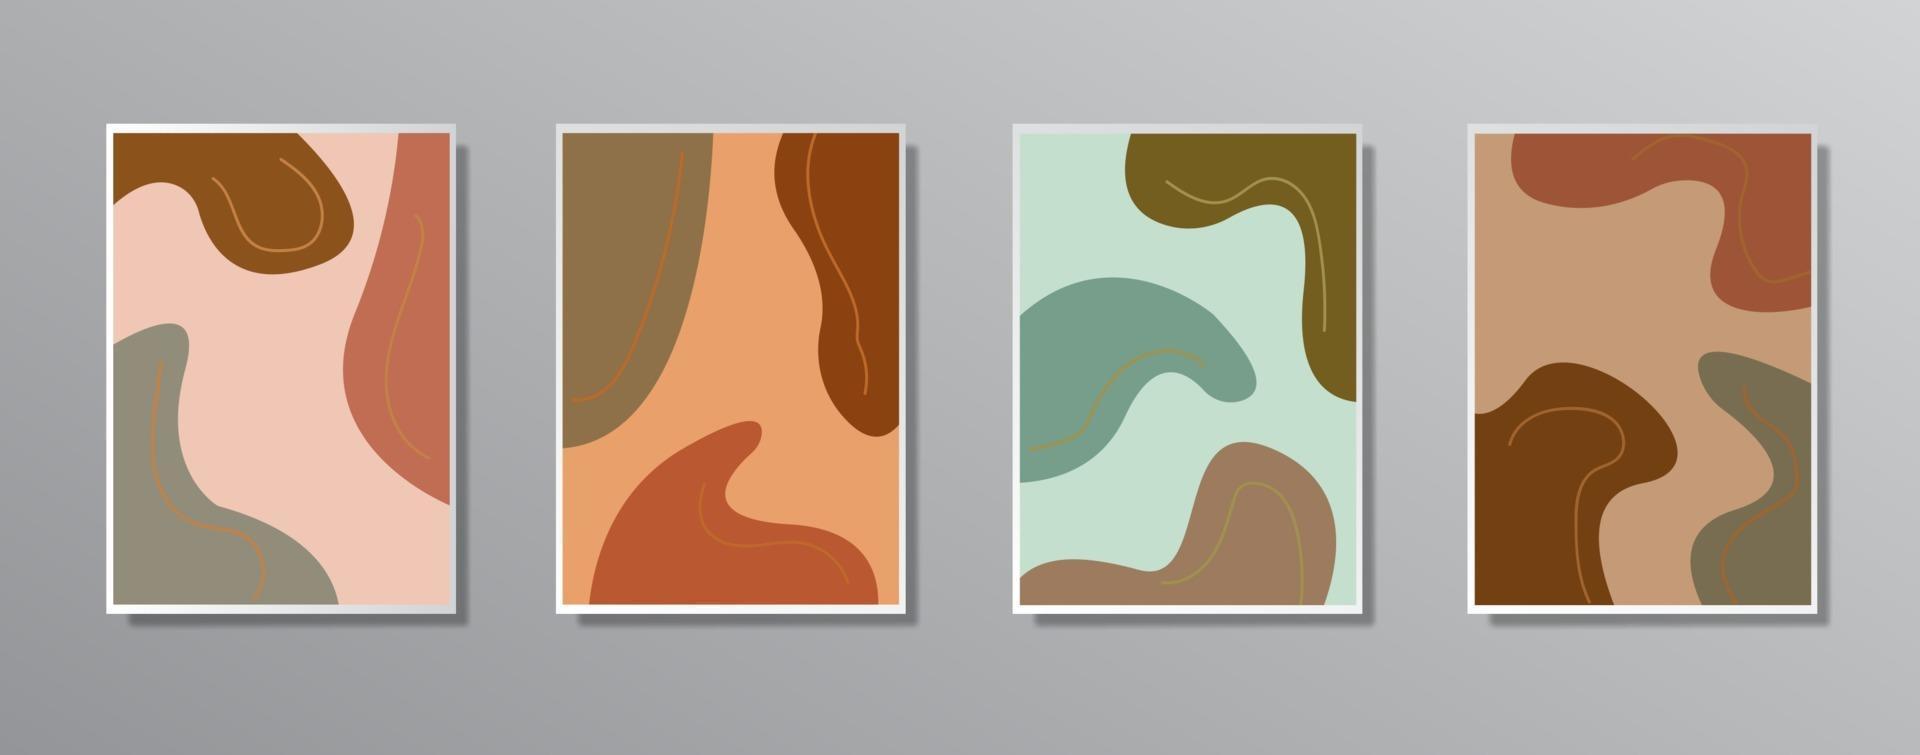 ensemble d'illustrations de couleur neutre vintage dessinés à la main minimaliste créatif vecteur